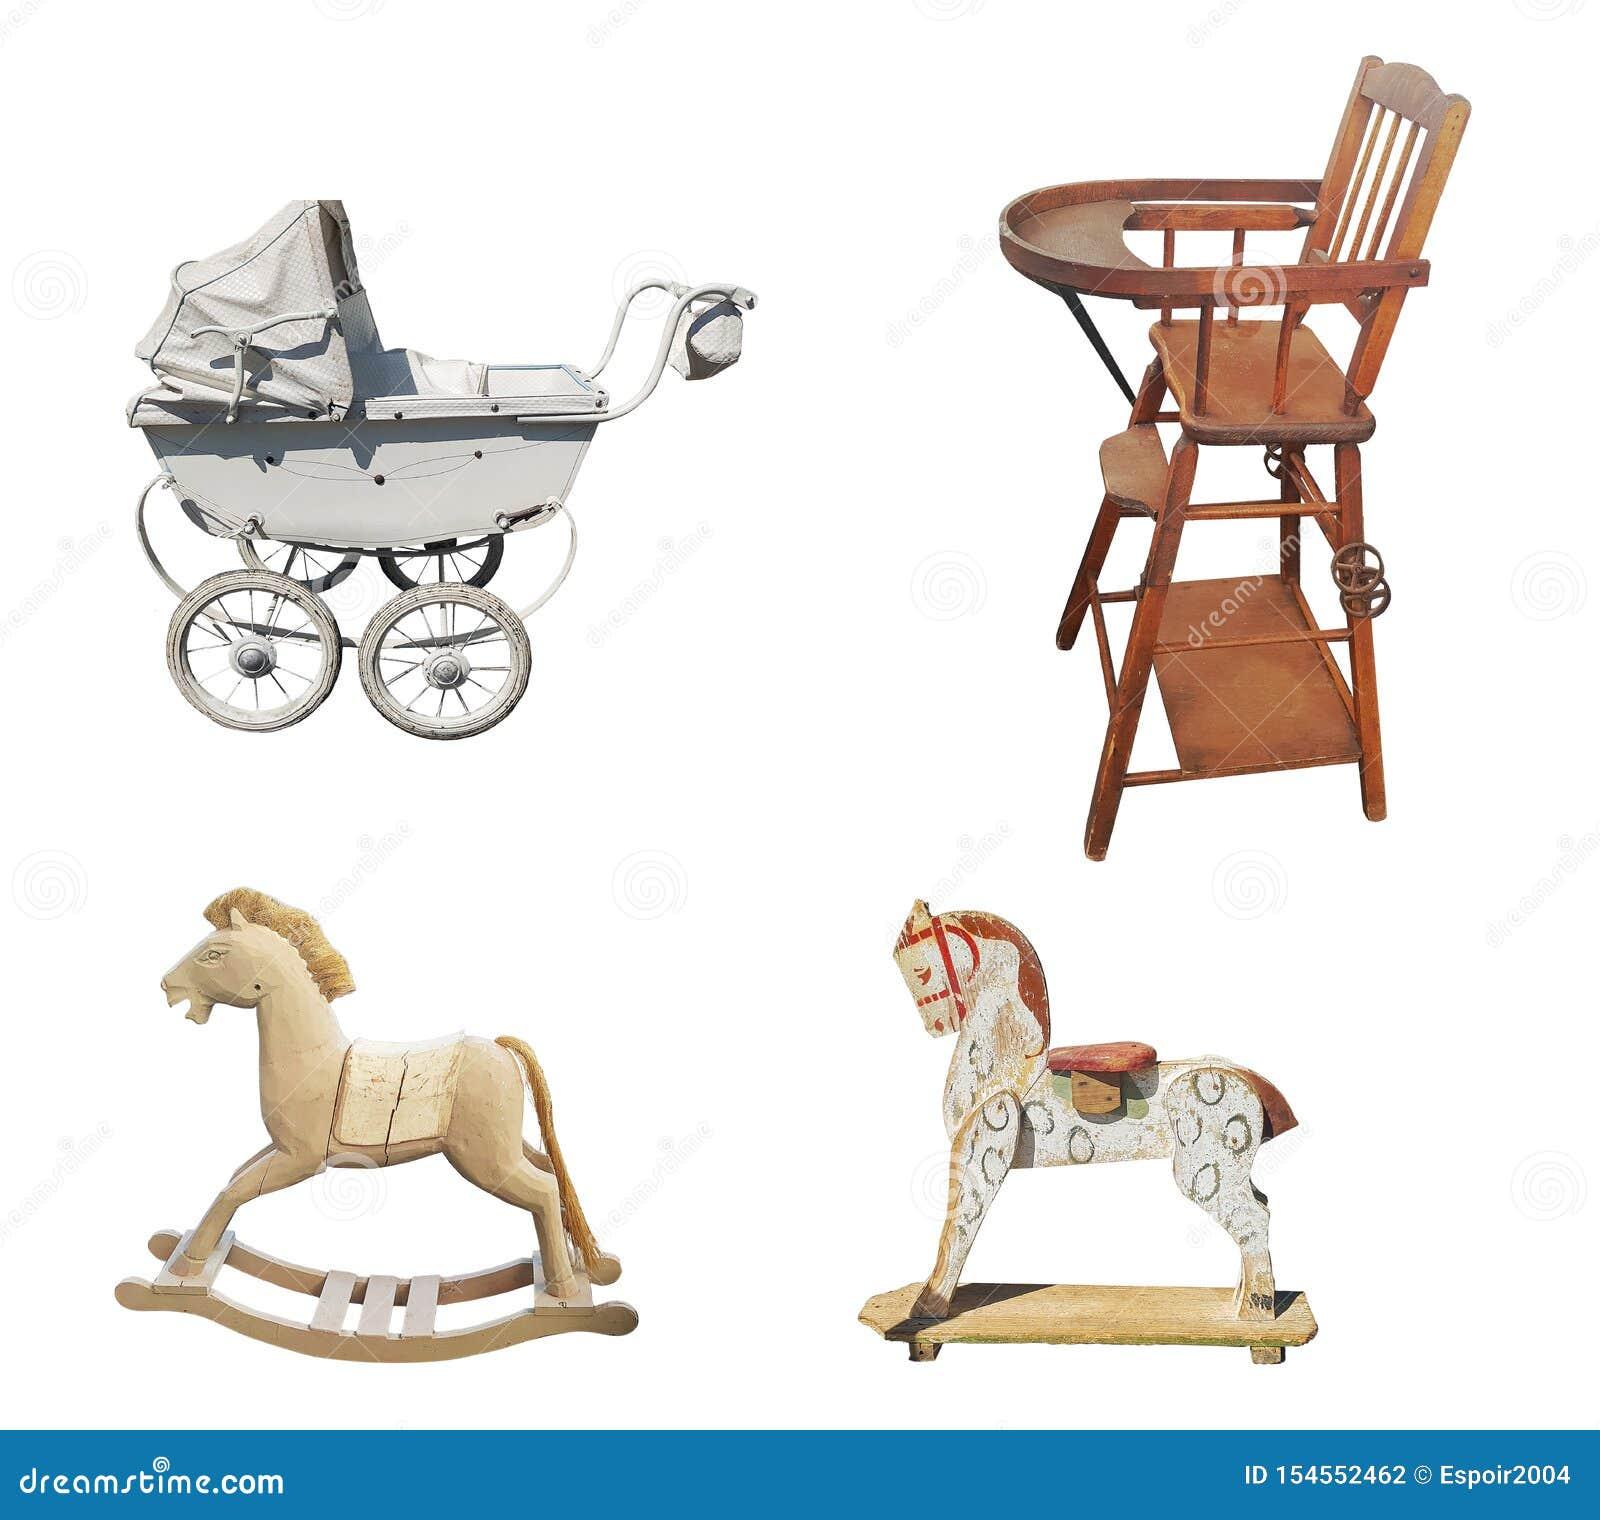 Um grupo de artigos do vintage das crianças idosas: um carrinho de criança, um cadeirão, um cavalo de madeira no fundo branco